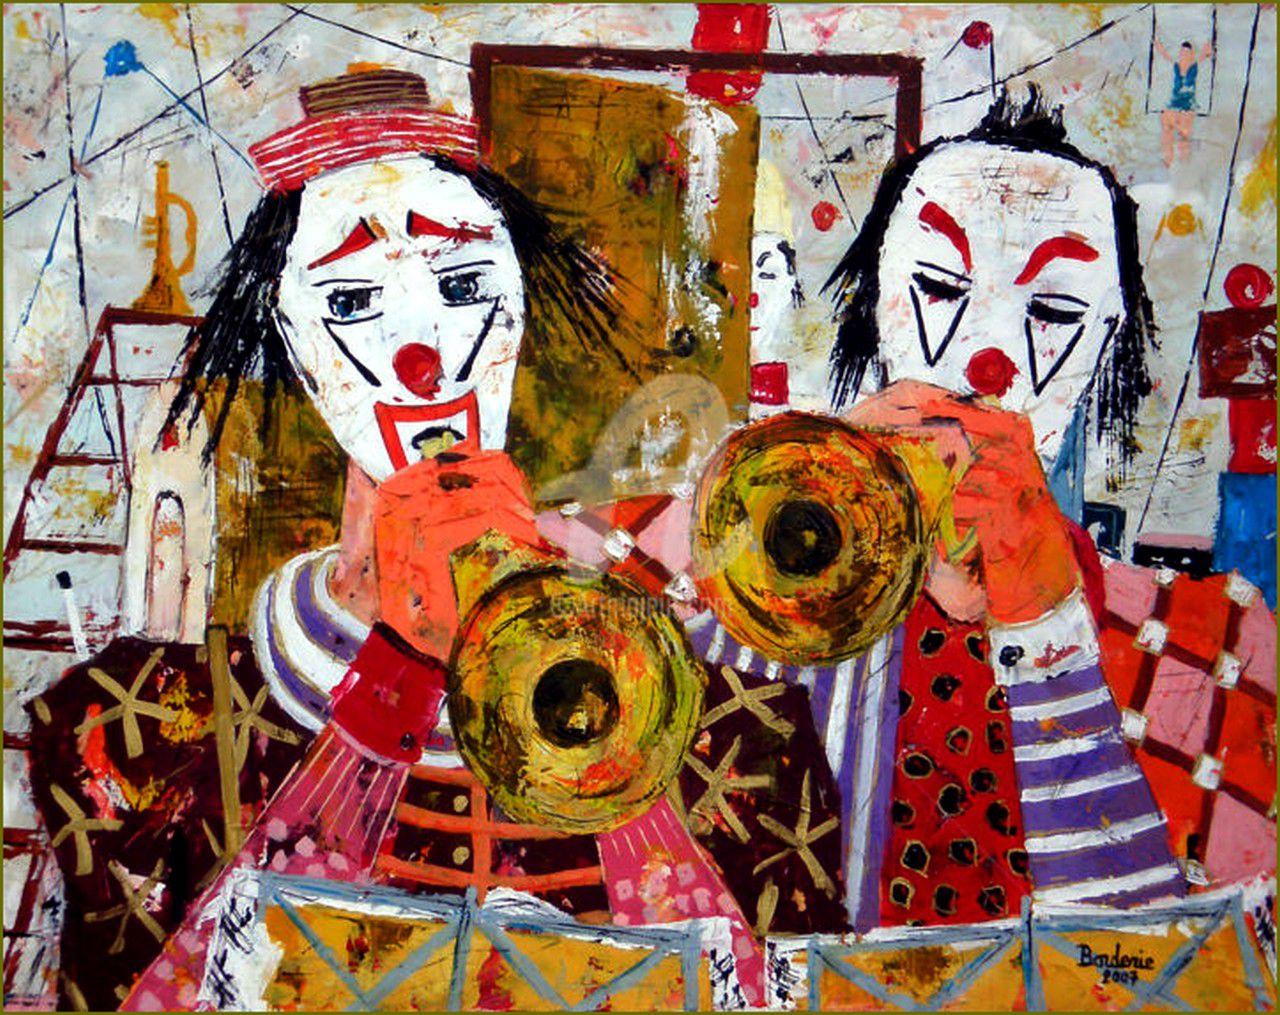 Clowns en peinture -  Jean-Pierre Borderie